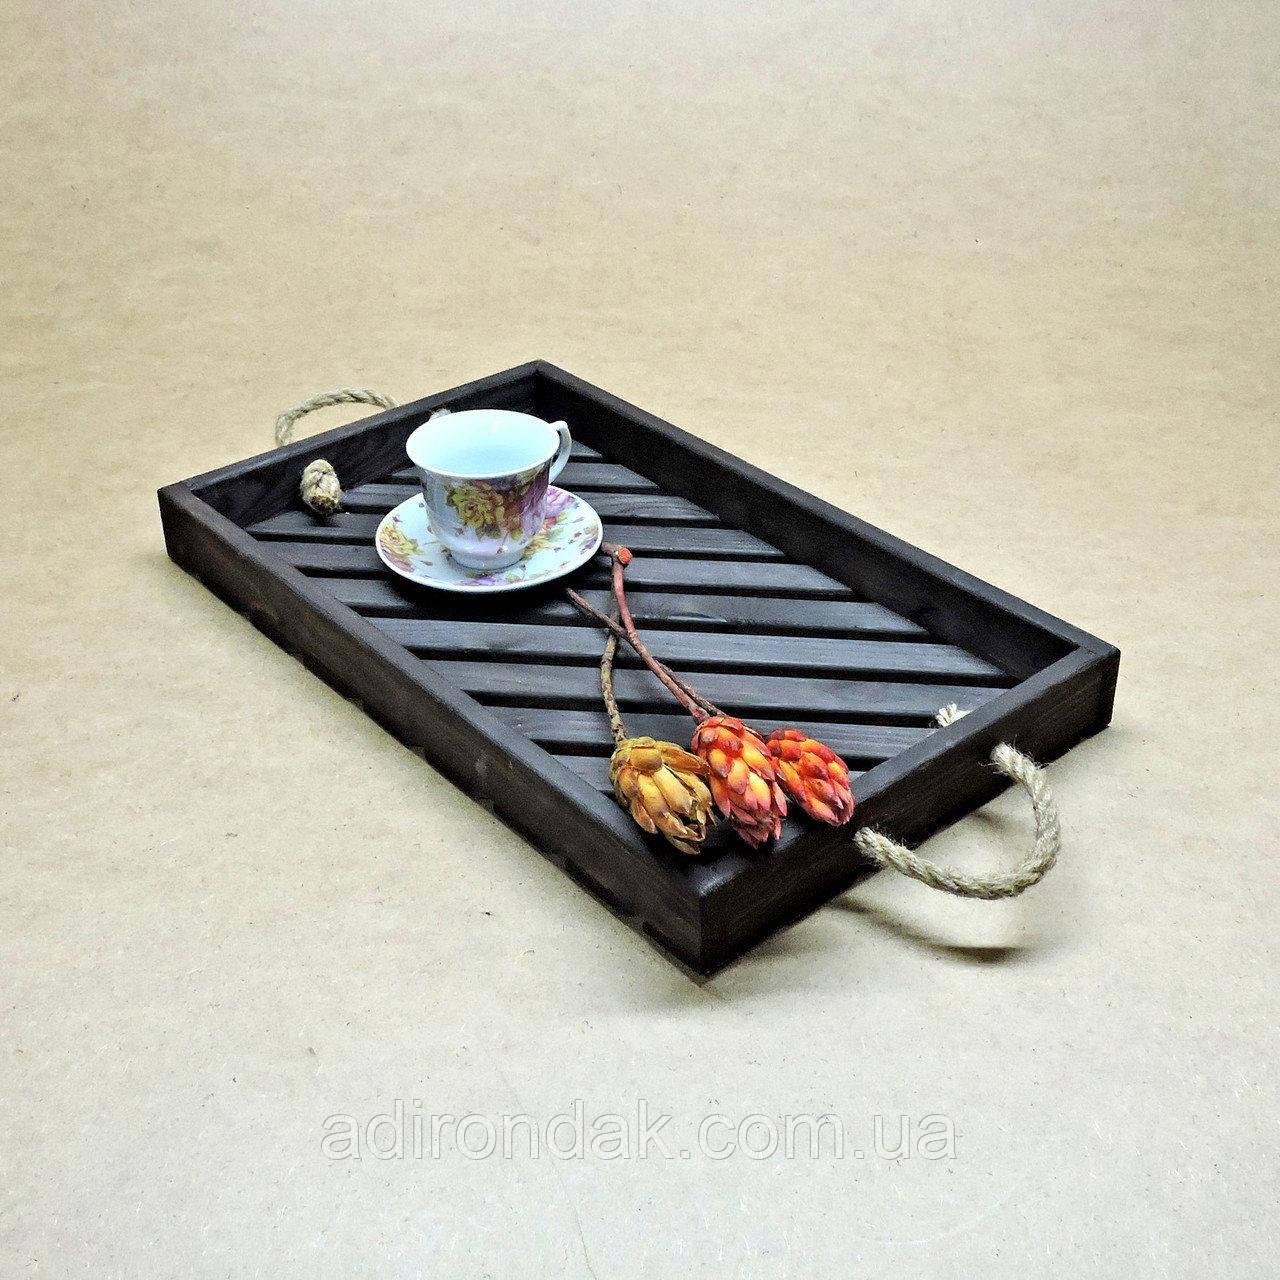 """Поднос деревянный """"Венге"""" для кухни"""